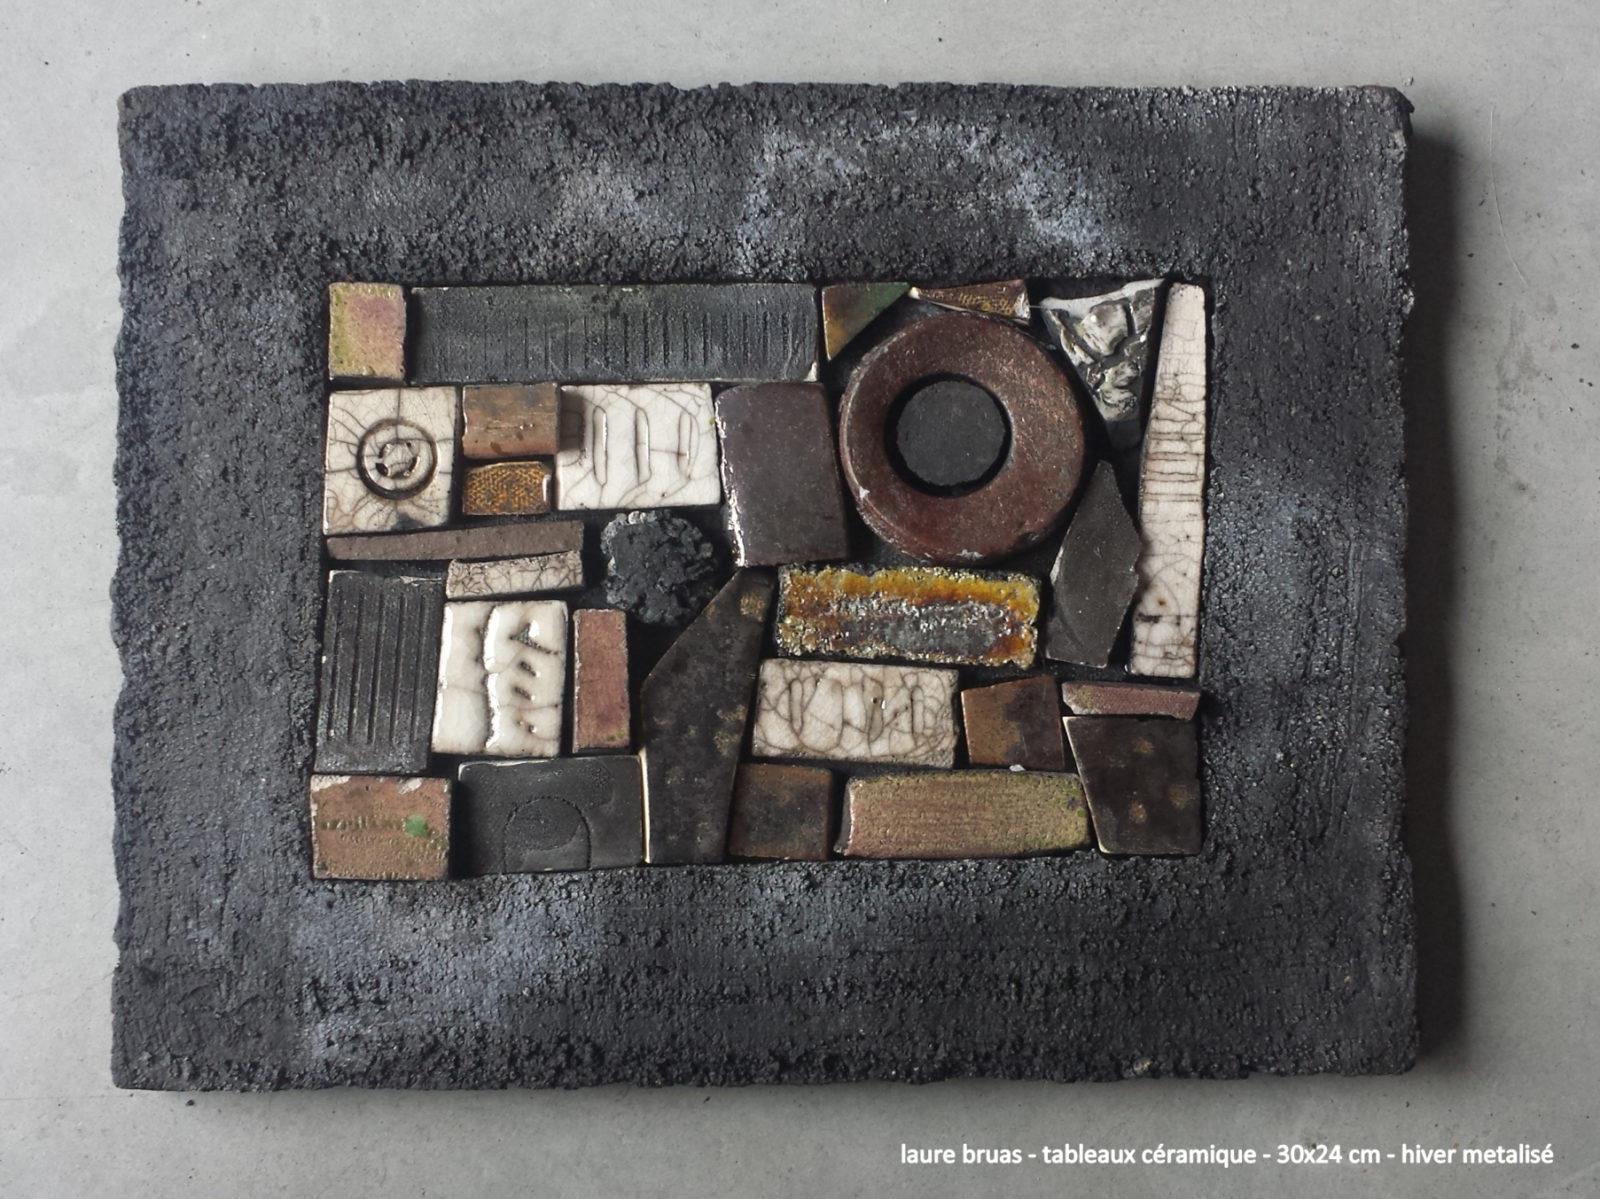 tableau céramique type patchwork mosaique mordoré